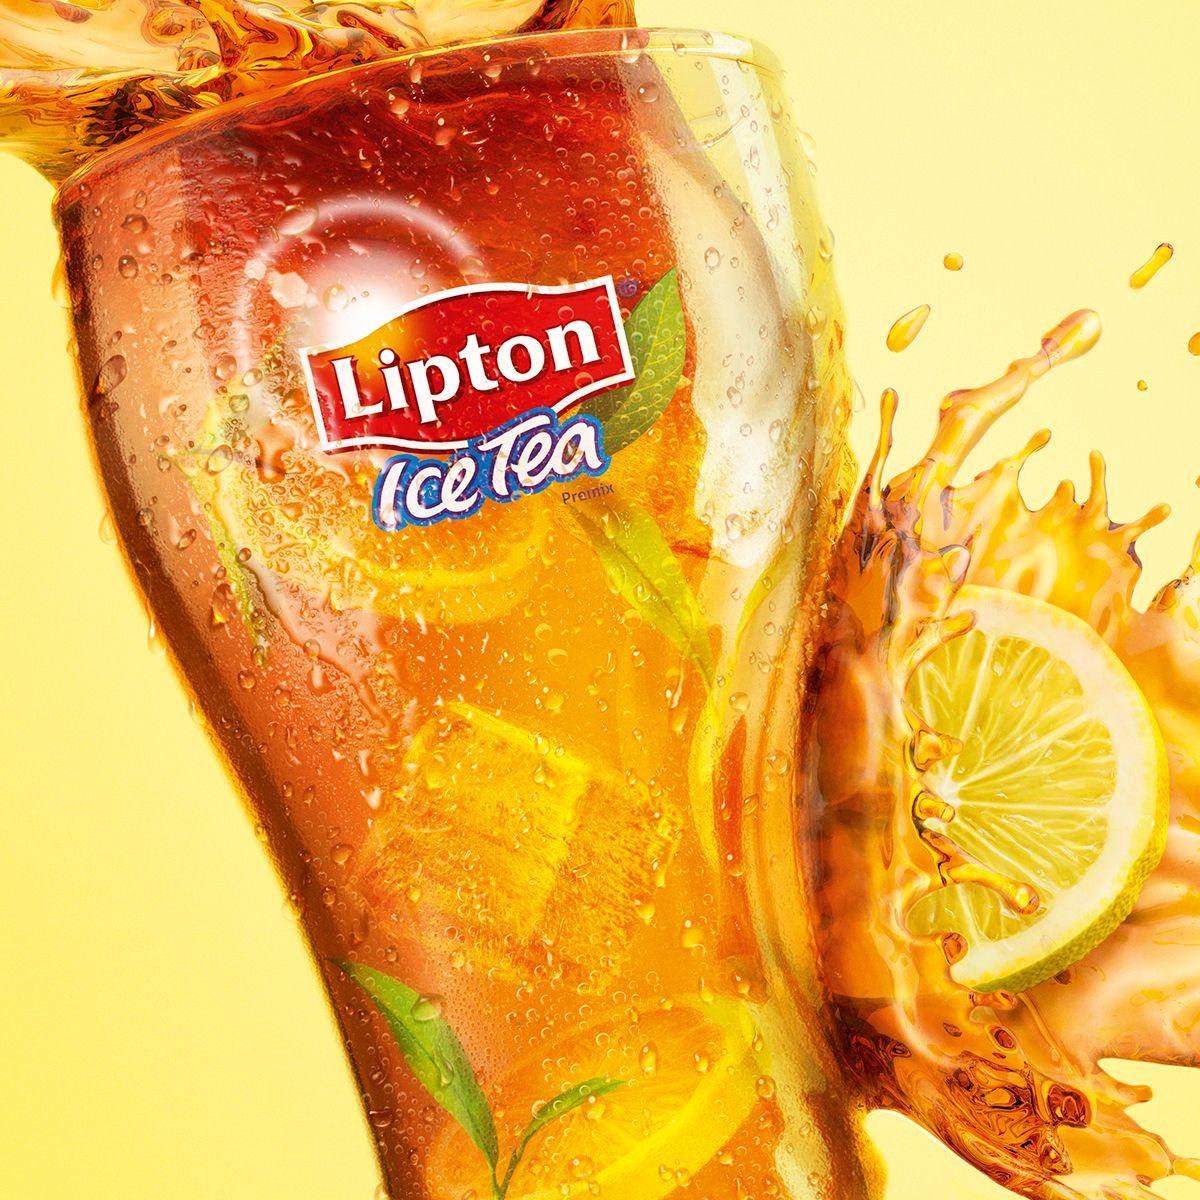 égeti-e a sárga lipton a zsírt)